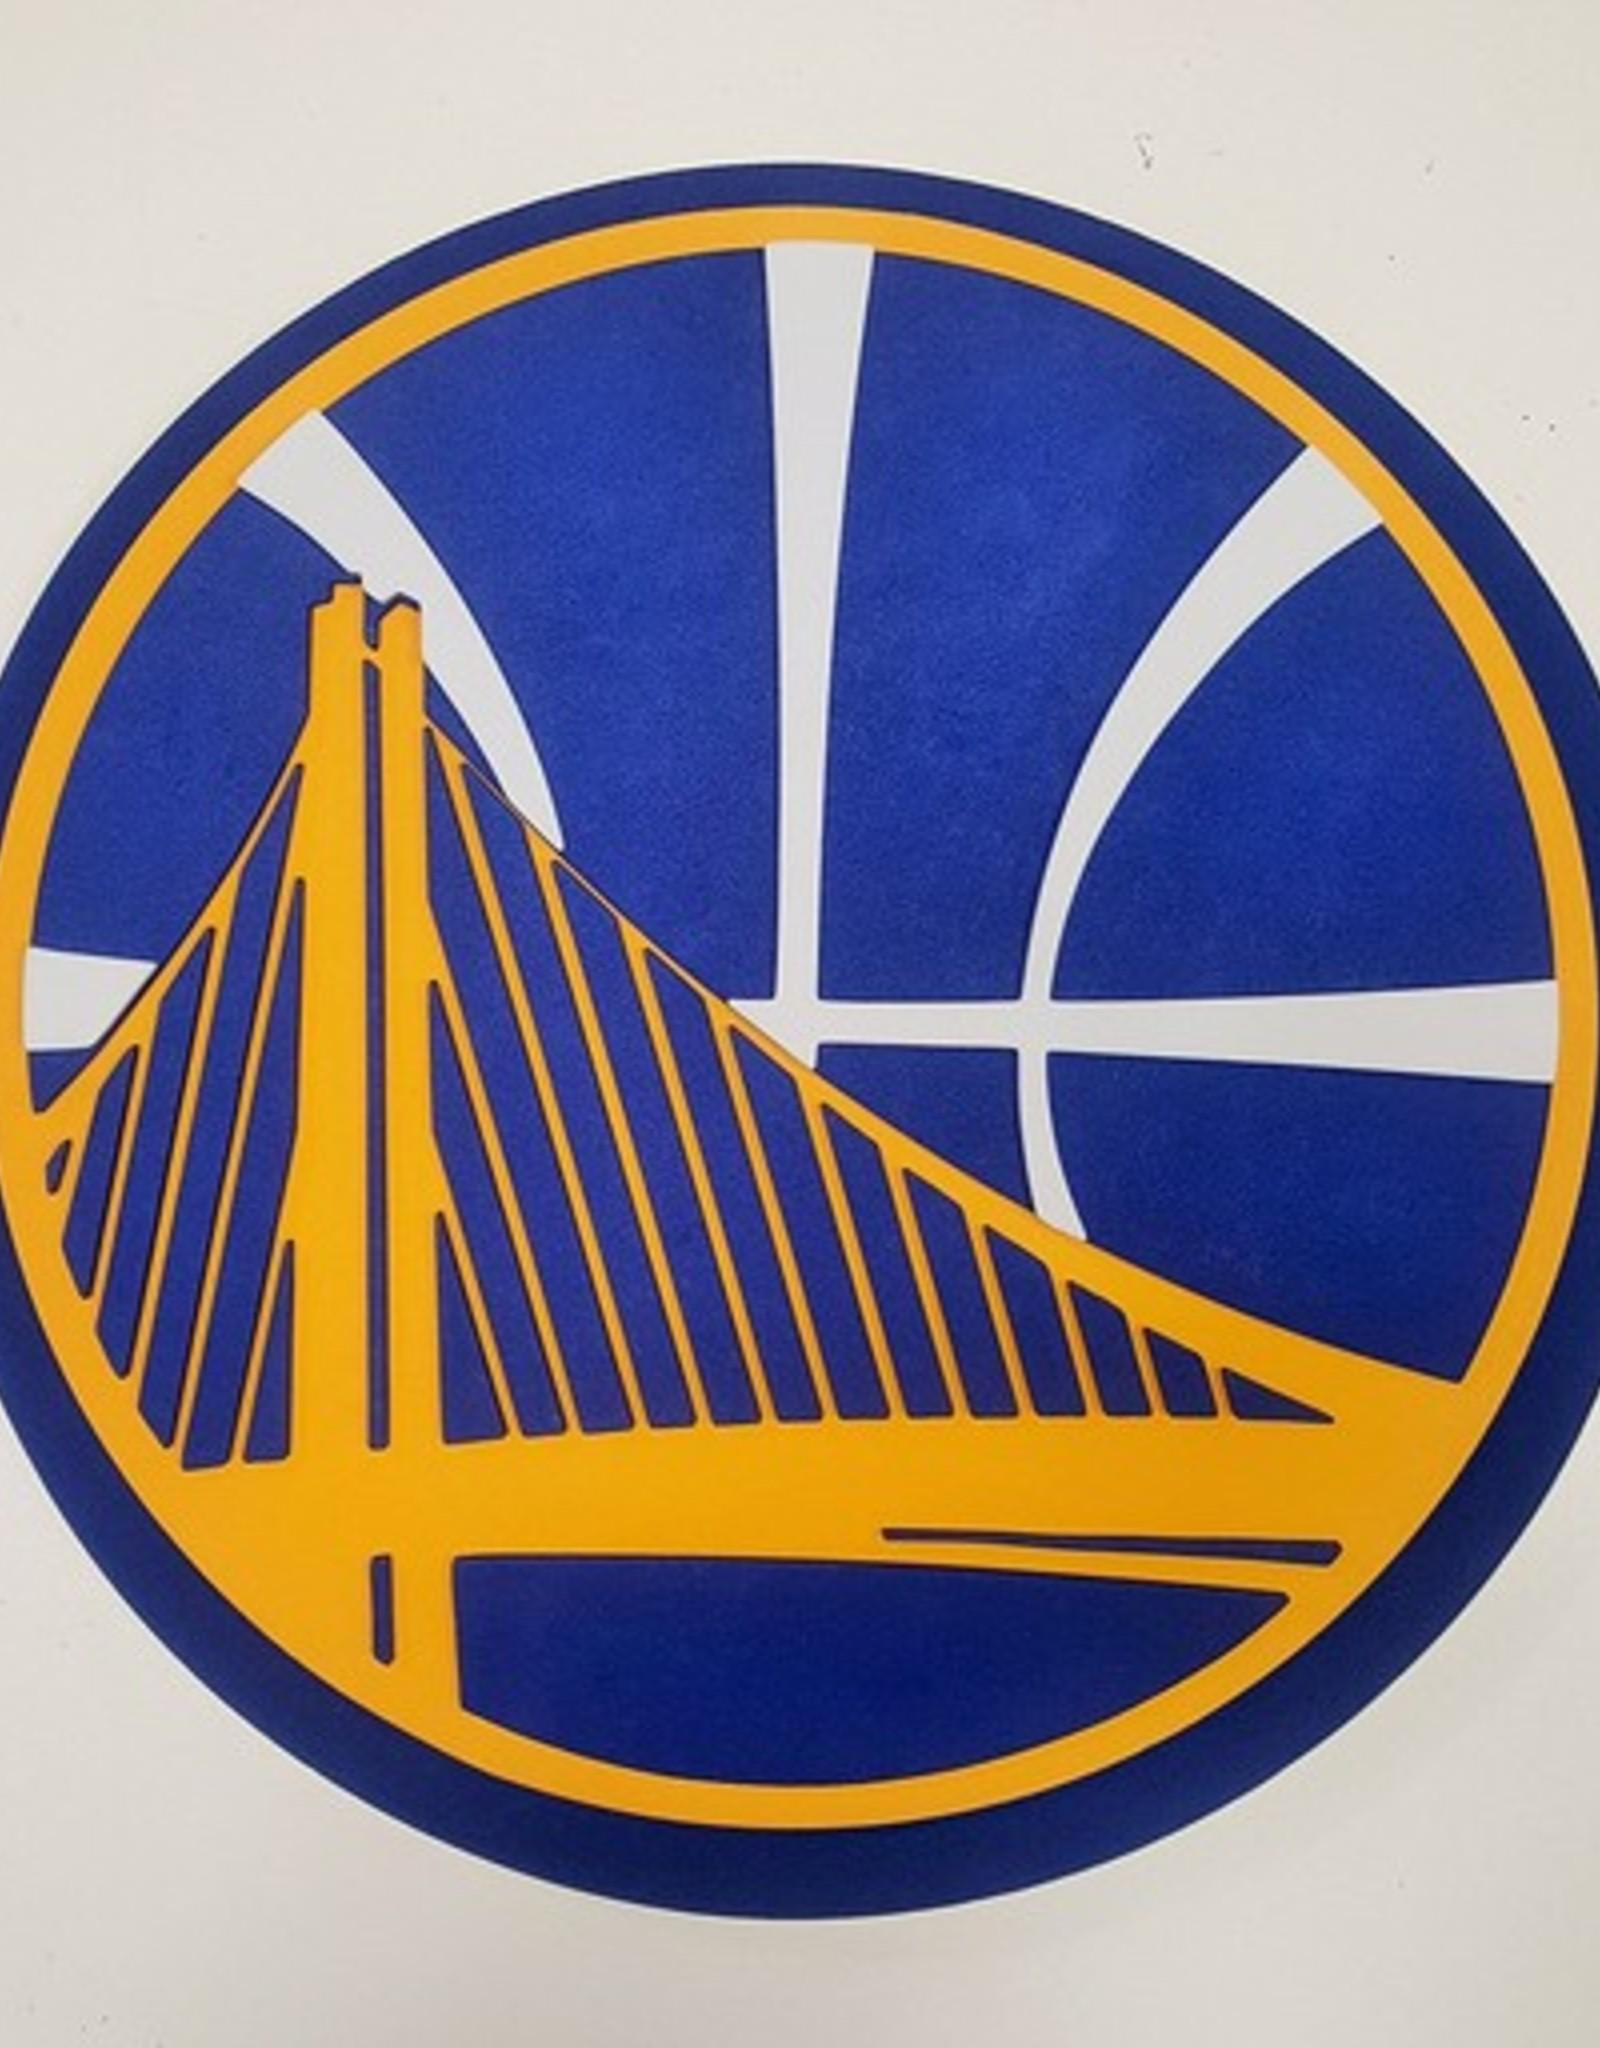 Golden State Warriors 3D Foam Logo Sign - Touchdown Gifts ...